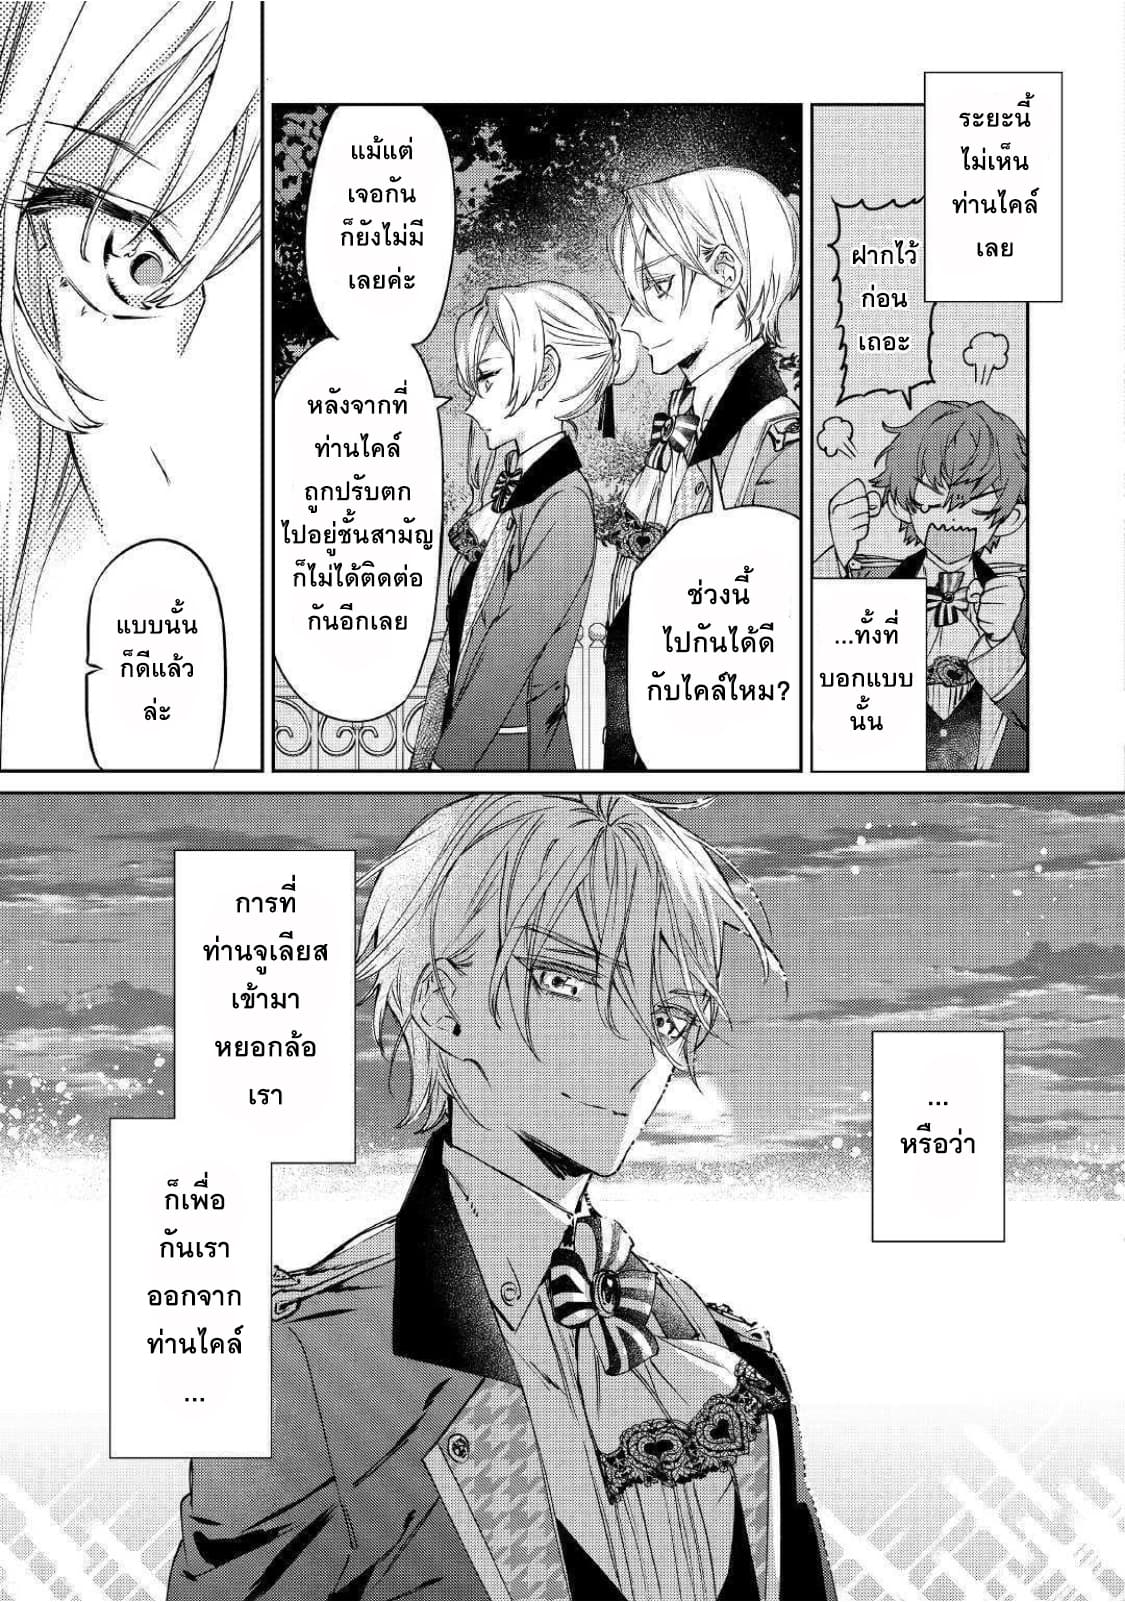 อ่านการ์ตูน Saigo ni Hitotsu Dake Onengai Shitemo Yoroshii Deshouka ตอนที่ 3 หน้าที่ 17